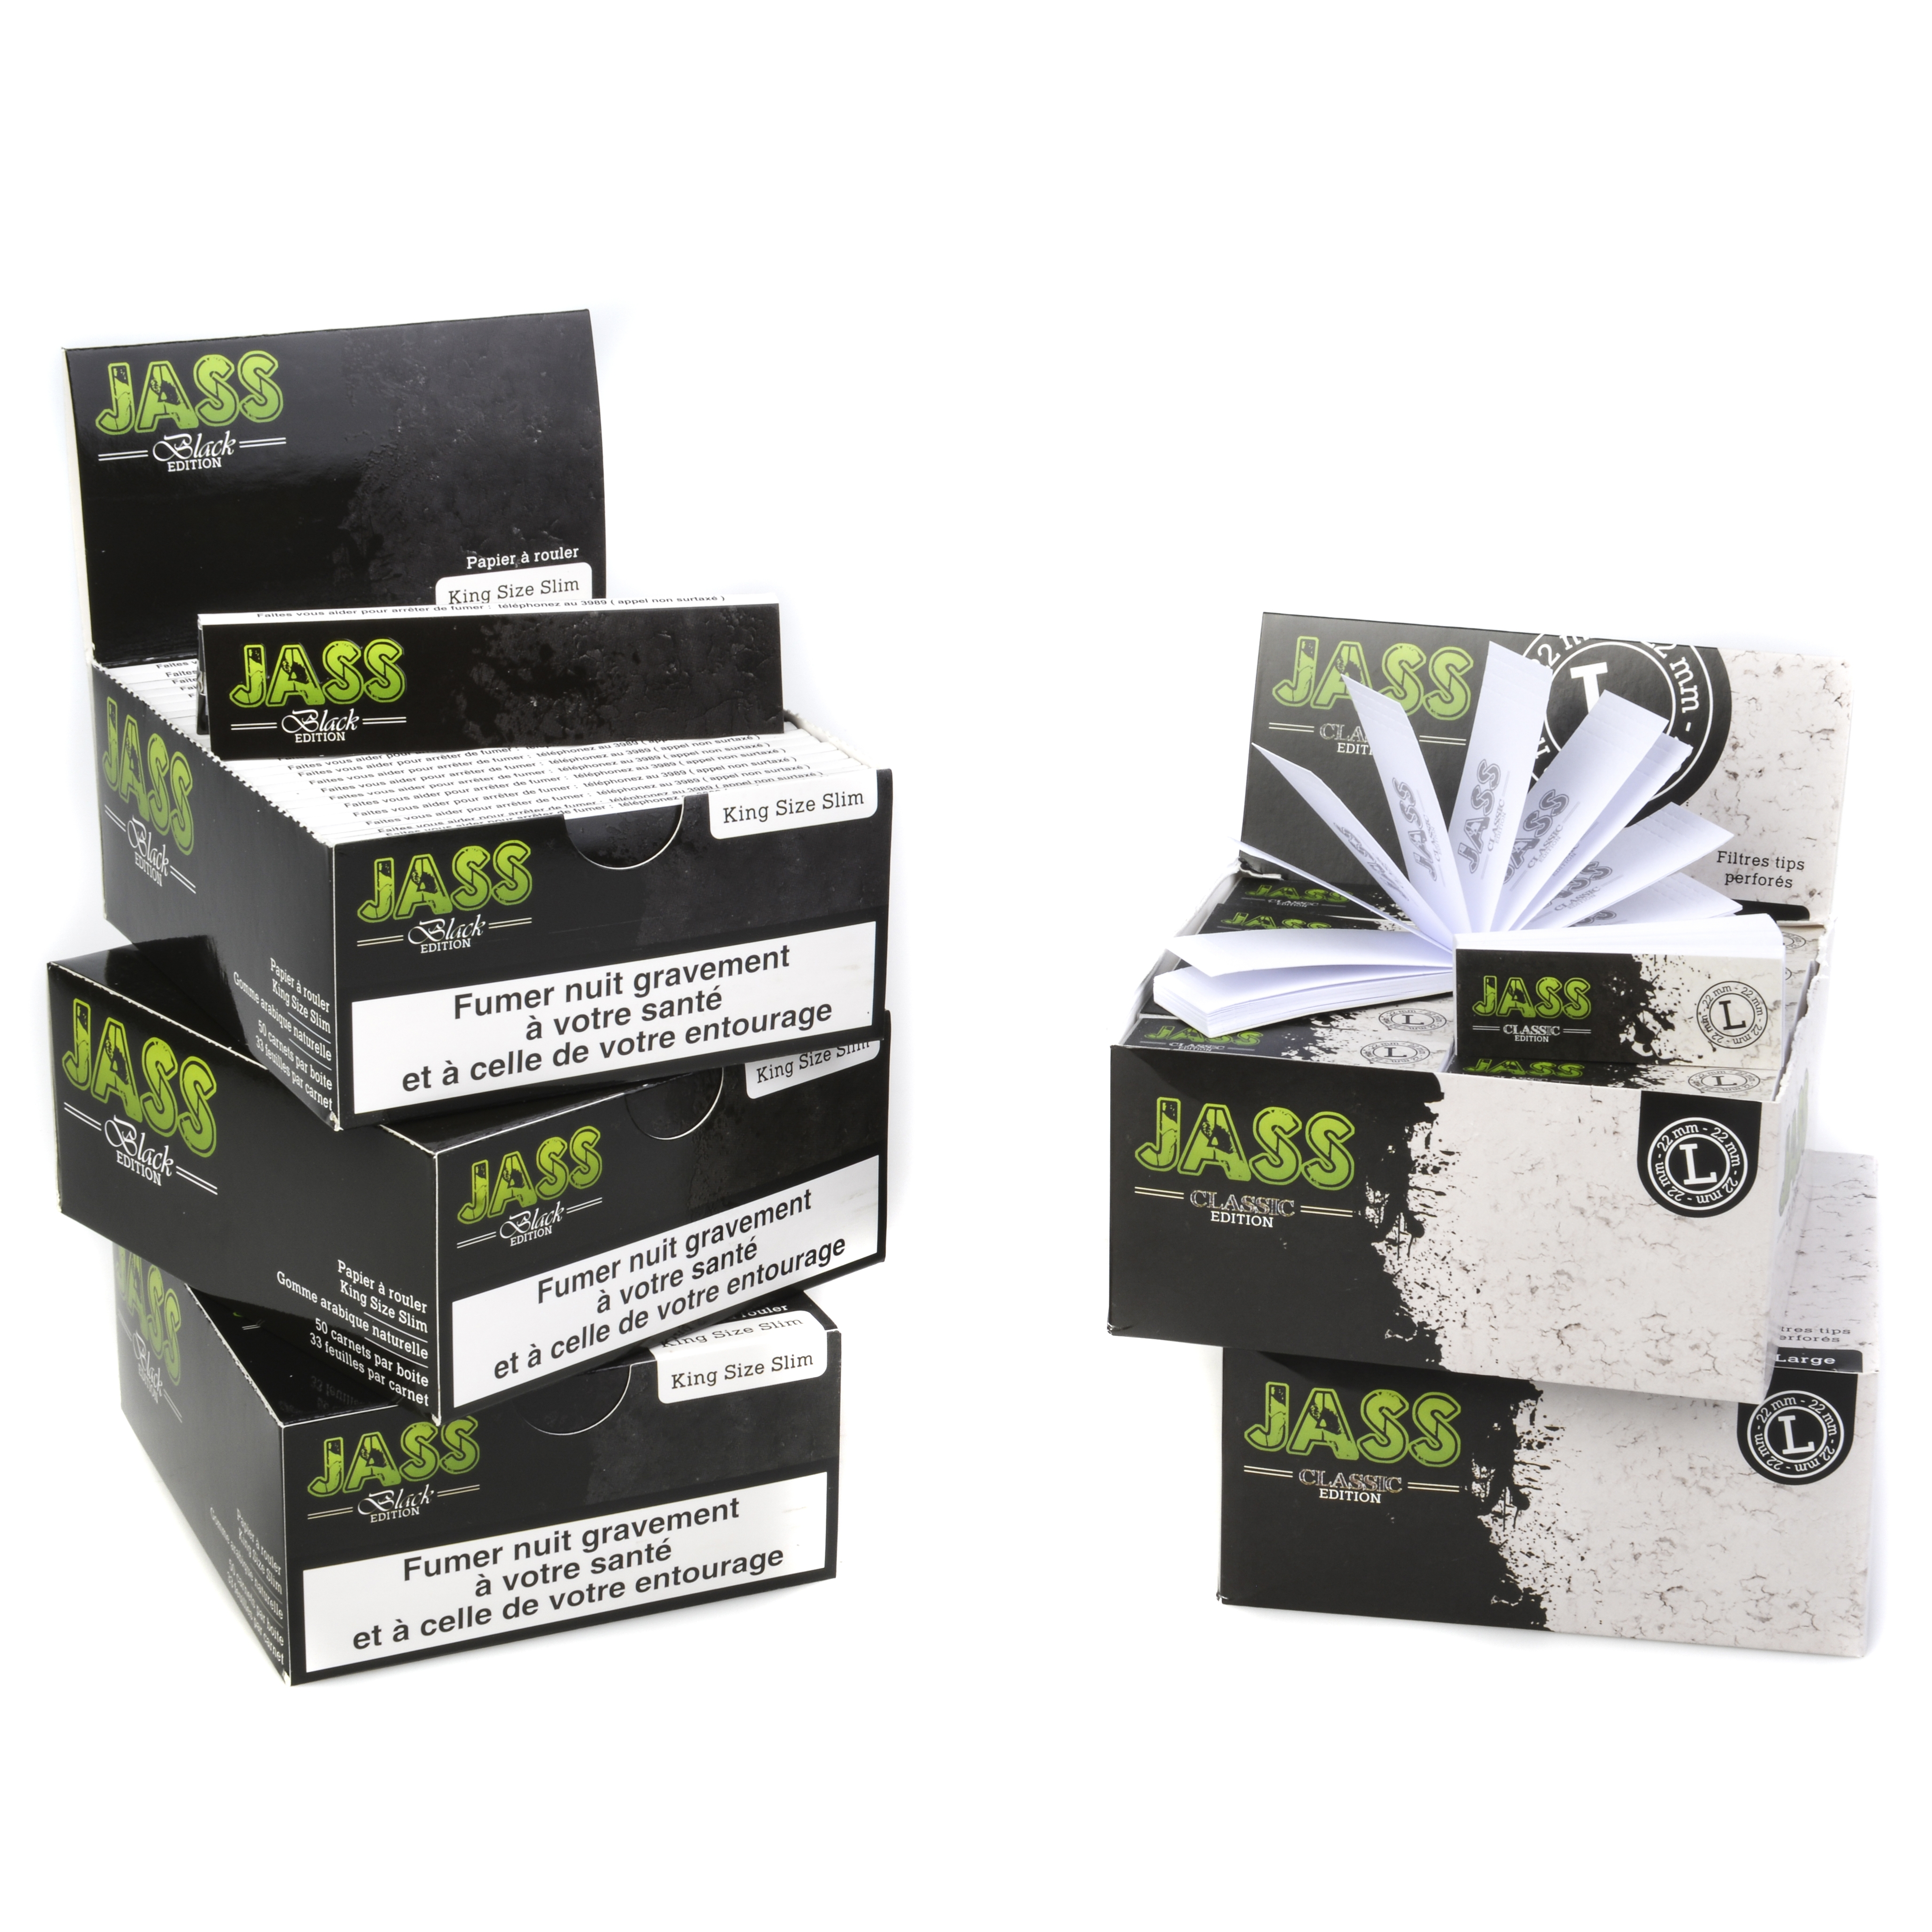 Jass pack